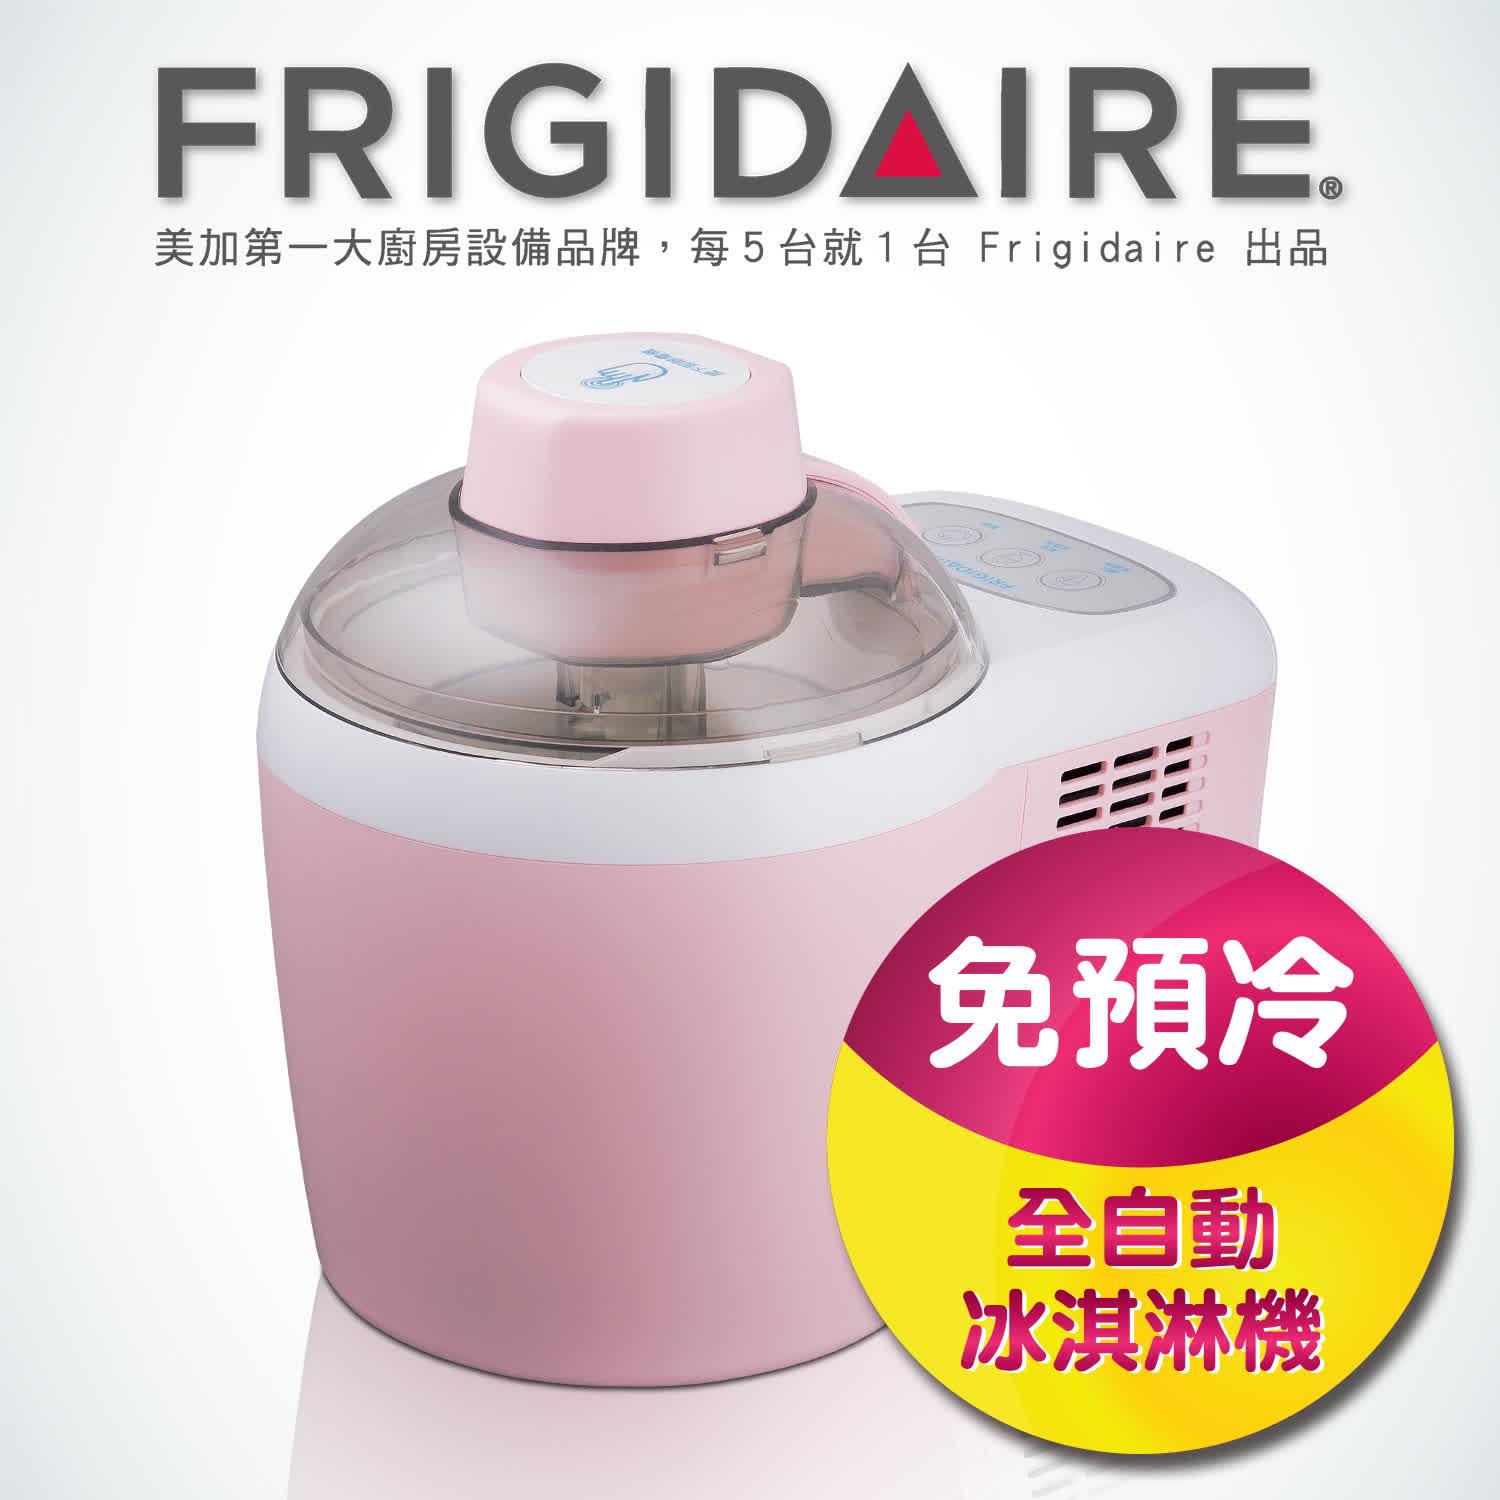 美國富及第Frigidaire 全自動冰淇淋機 粉紅色 FKI-C101FP